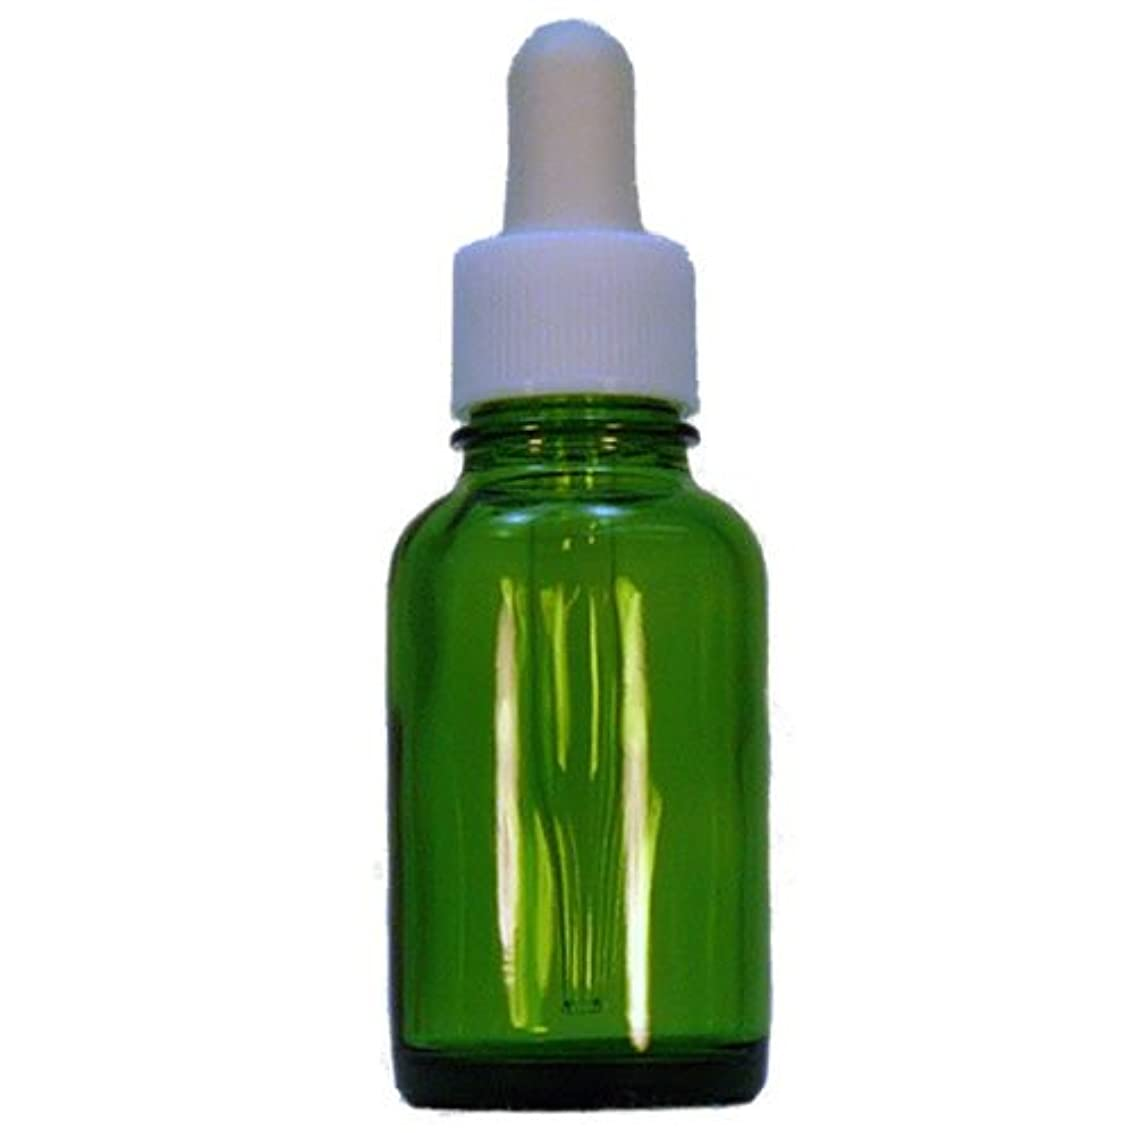 系譜窒息させる平凡ミキシングボトル グリーン 20ml